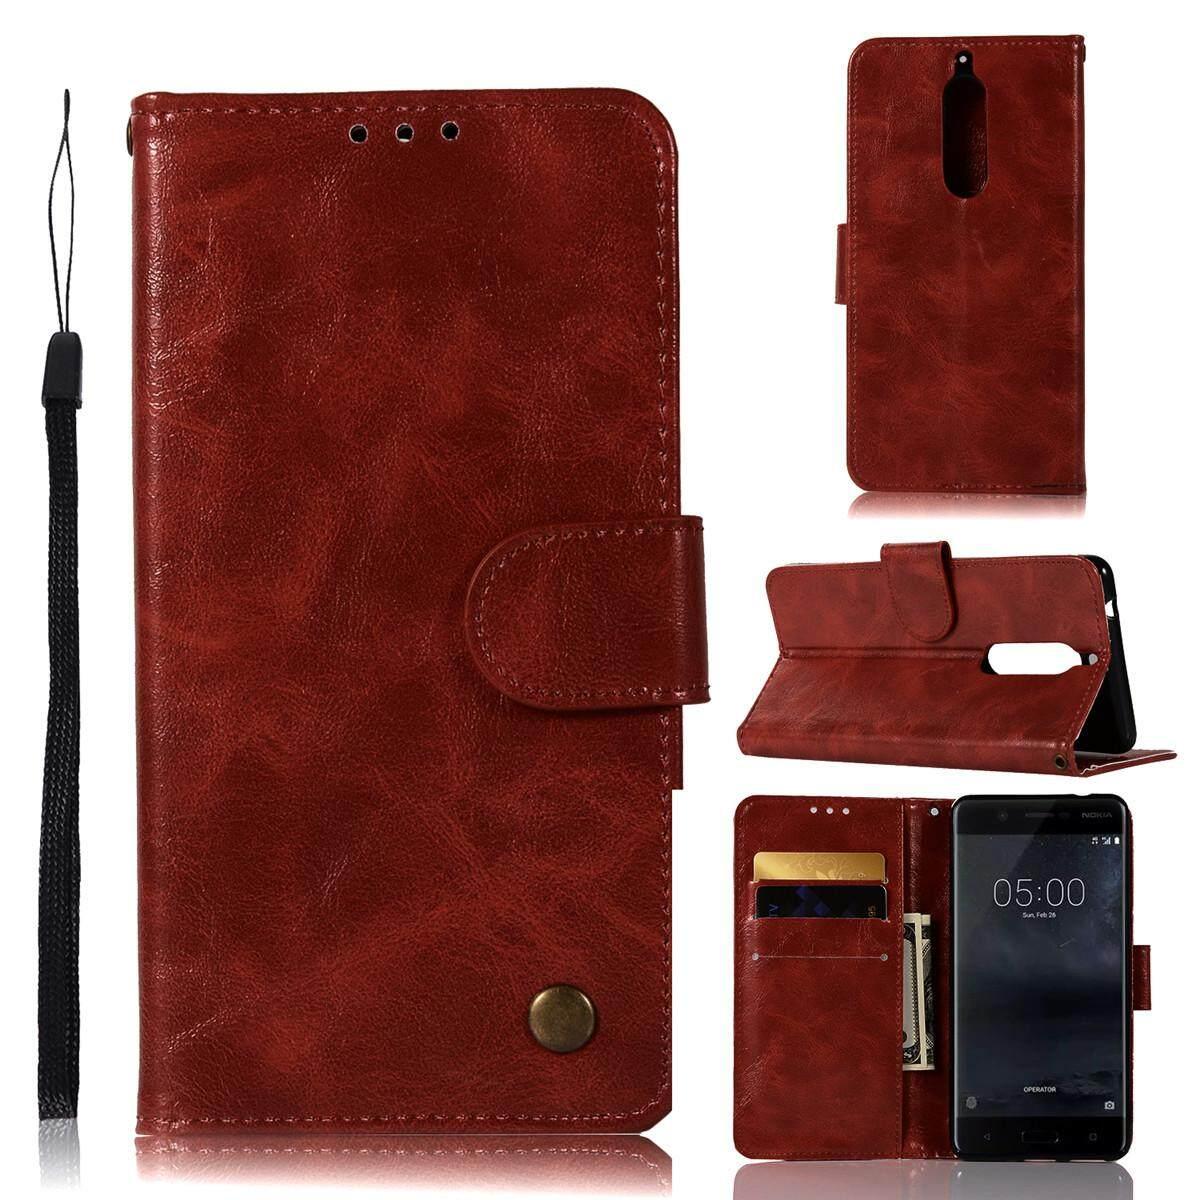 ราคา ราคาถูกที่สุด Moonmini Case For Nokia 5 Vintage Case Pu Leather Magnetic Flip Stand Wallet Cover With Card Slots And Hand Strap Intl